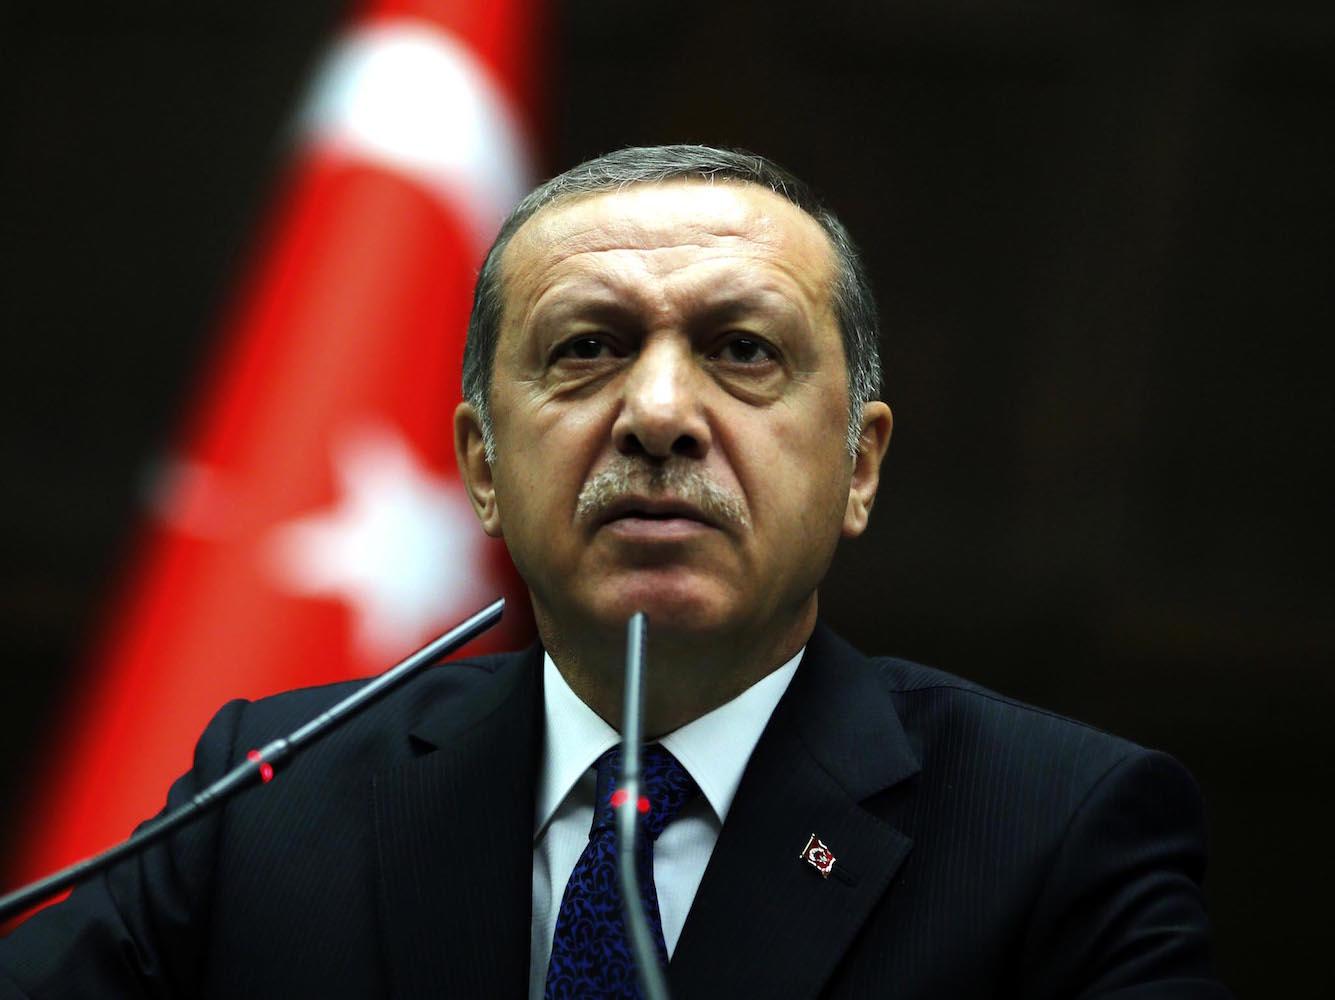 Erdoğan'ın konuşmasına yandaş medyadan sansür